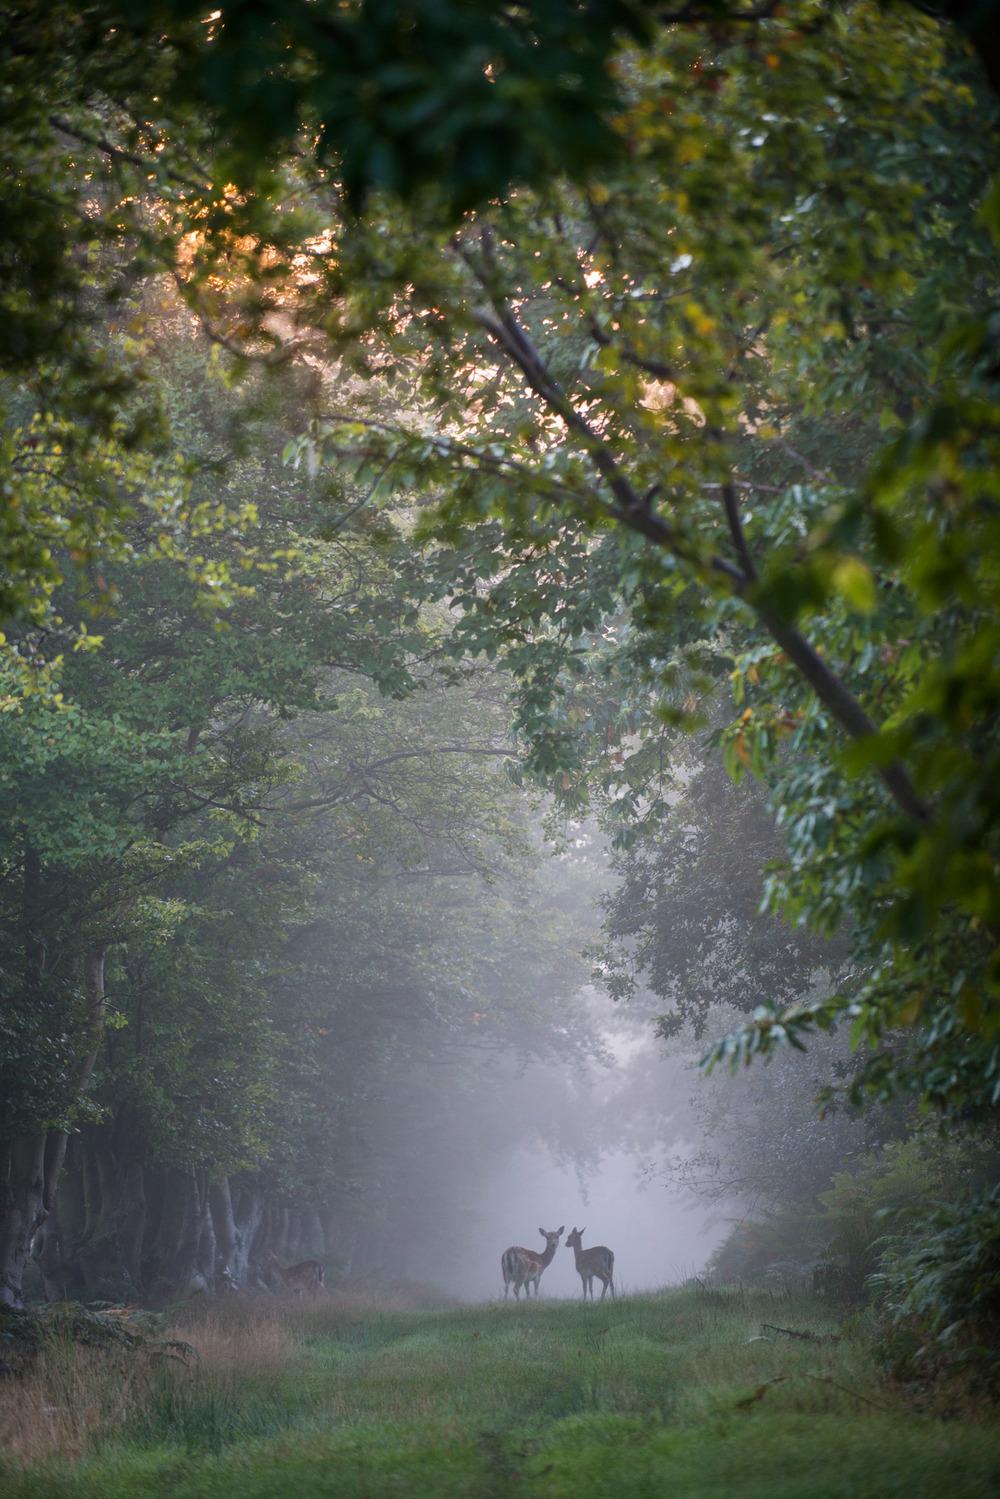 Fallow deer on track through beech woods at dawn, Ashdown Forest, Sussex Weald, England